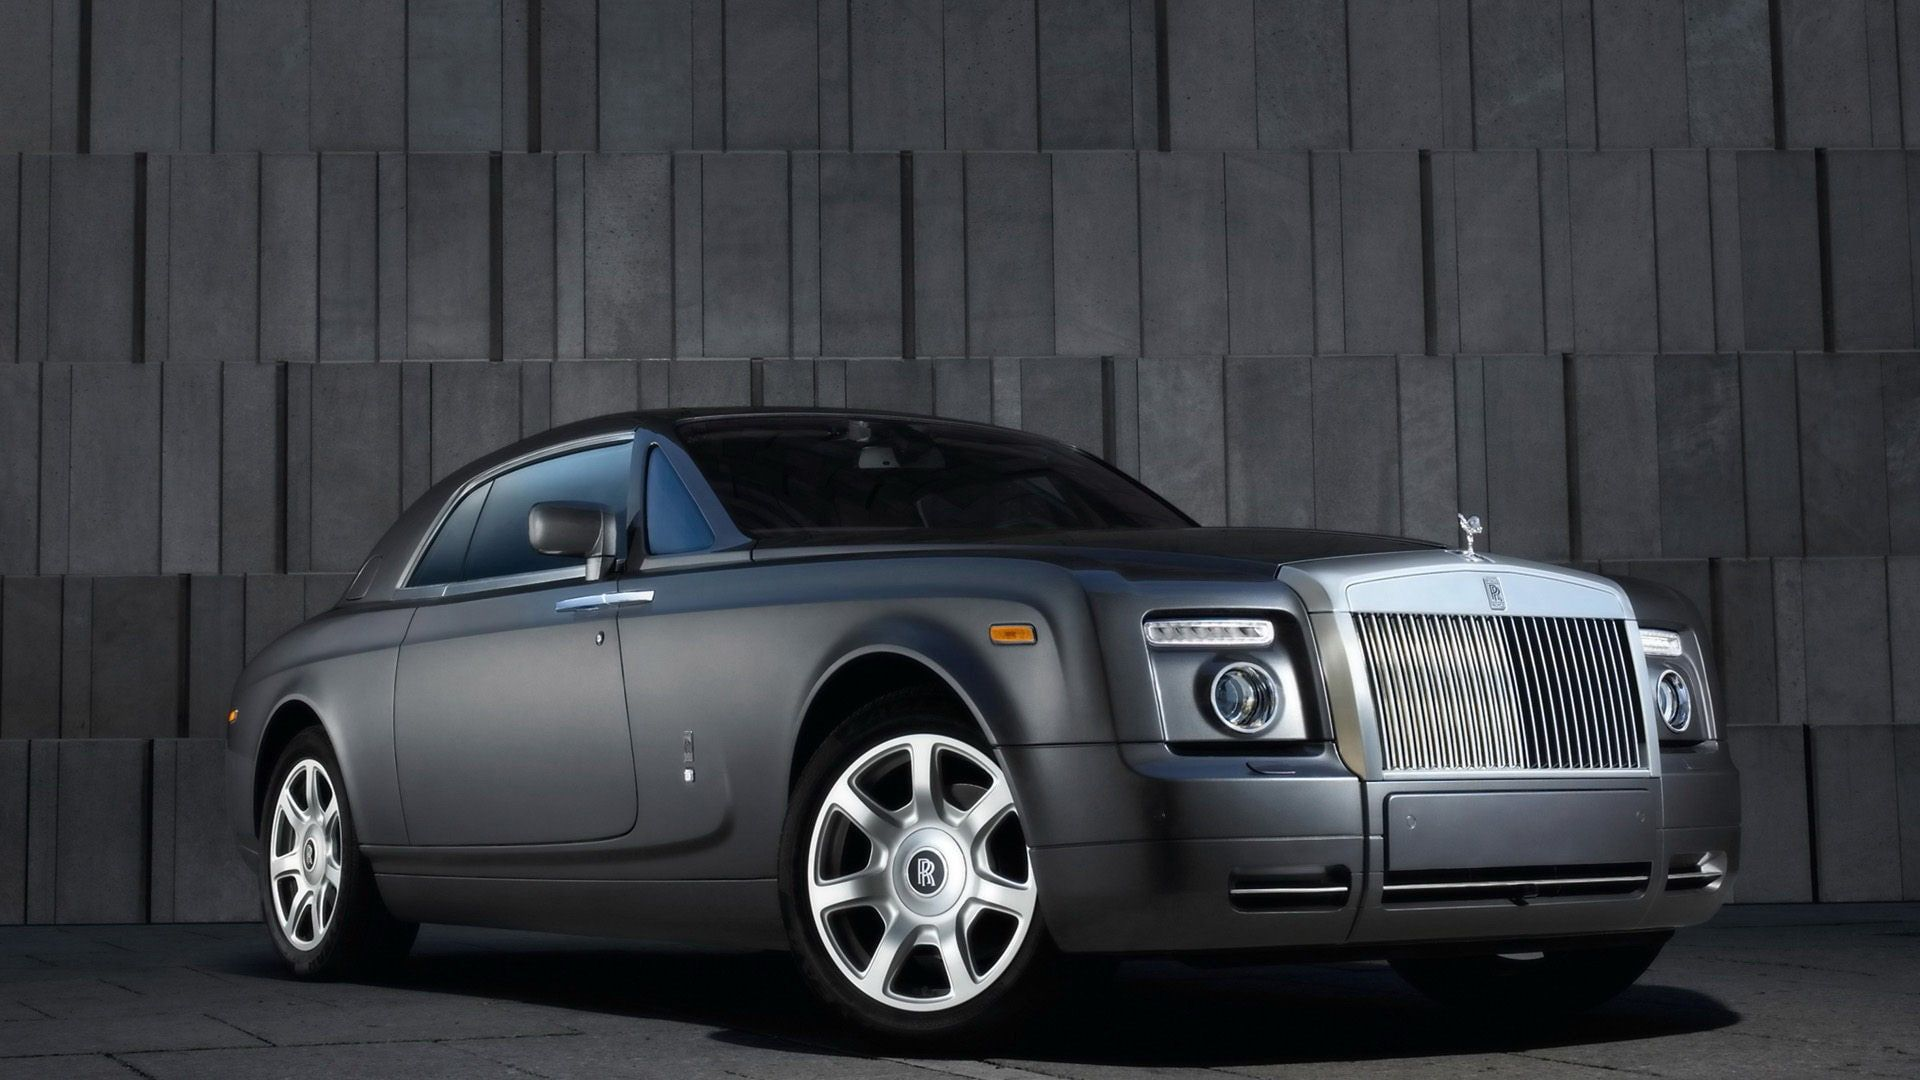 Rolls Royce Phantom Hd Grey Rolls Royce Phantom Cars Phantom Rolls Royce 1080p Wallpaper Hdwallpaper Deskto In 2021 Rolls Royce Phantom Rolls Royce Car Images Full hd rolls royce car hd wallpaper